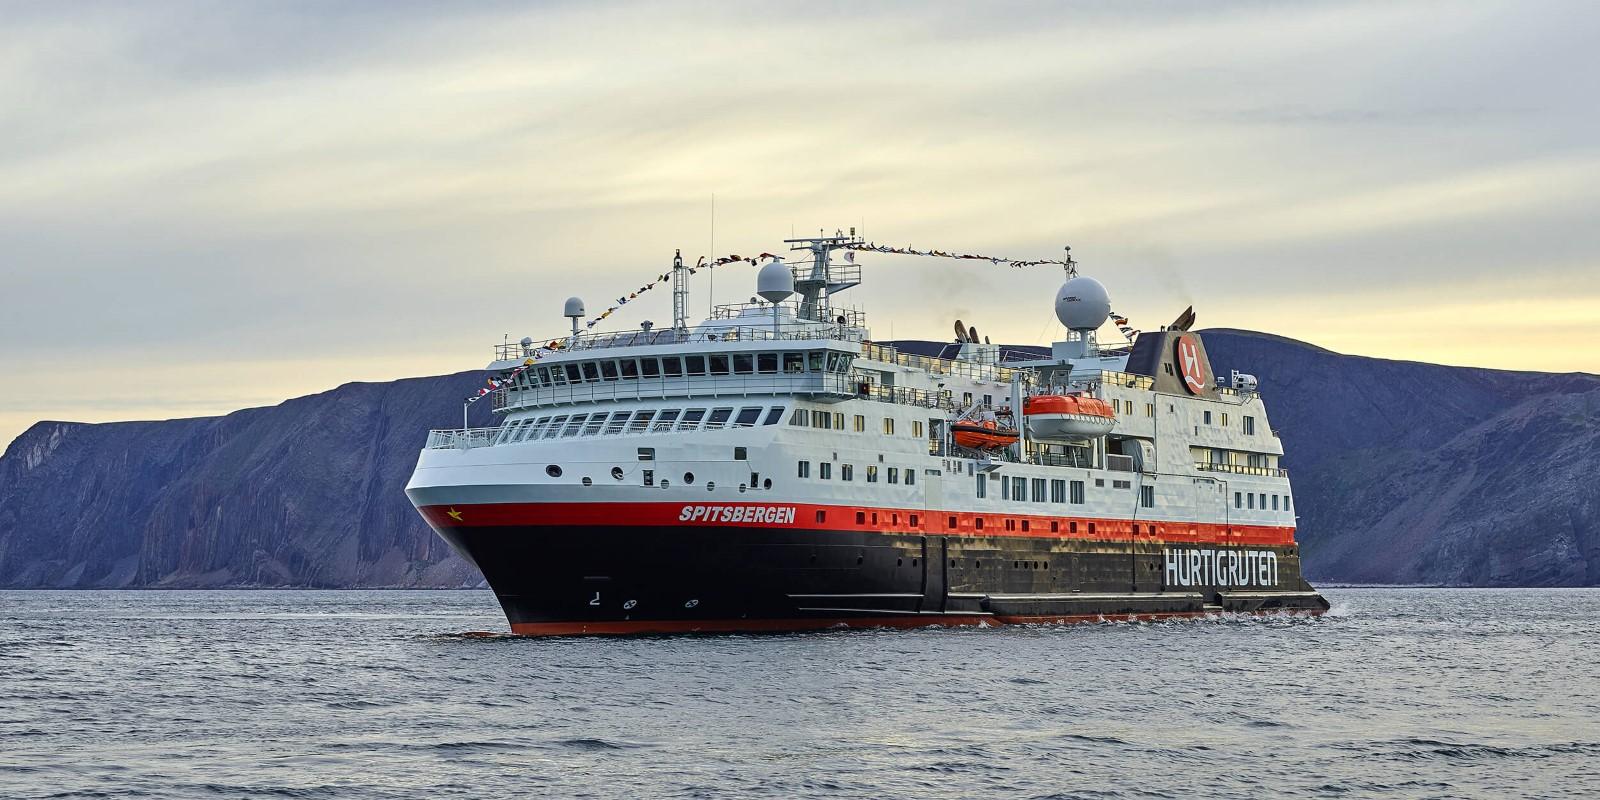 Arktis in Echtzeit: Eine neuntägige Hurtigruten Expedition vom Sofa aus erleben